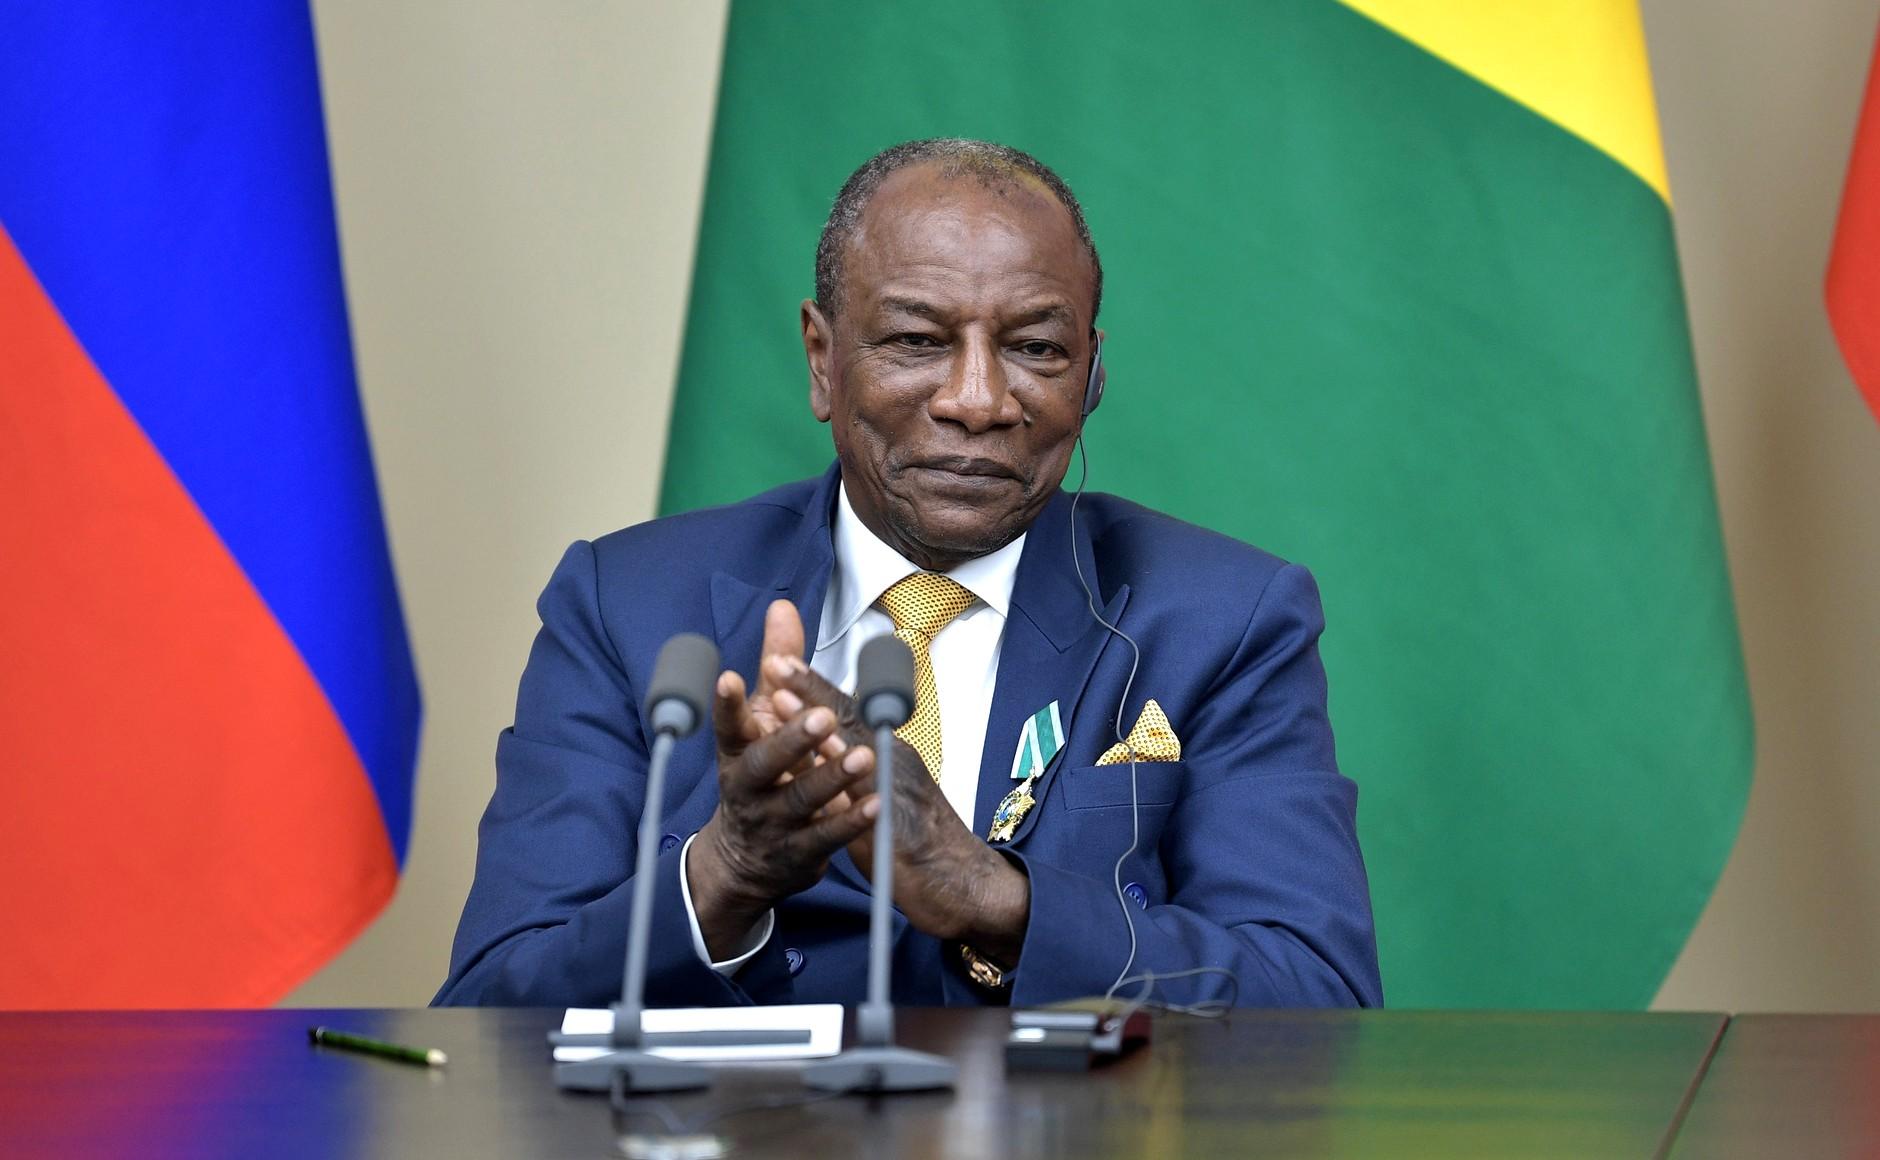 幾內亞總統顧德(Alpha Condé)(圖/俄羅斯總統辦公室)